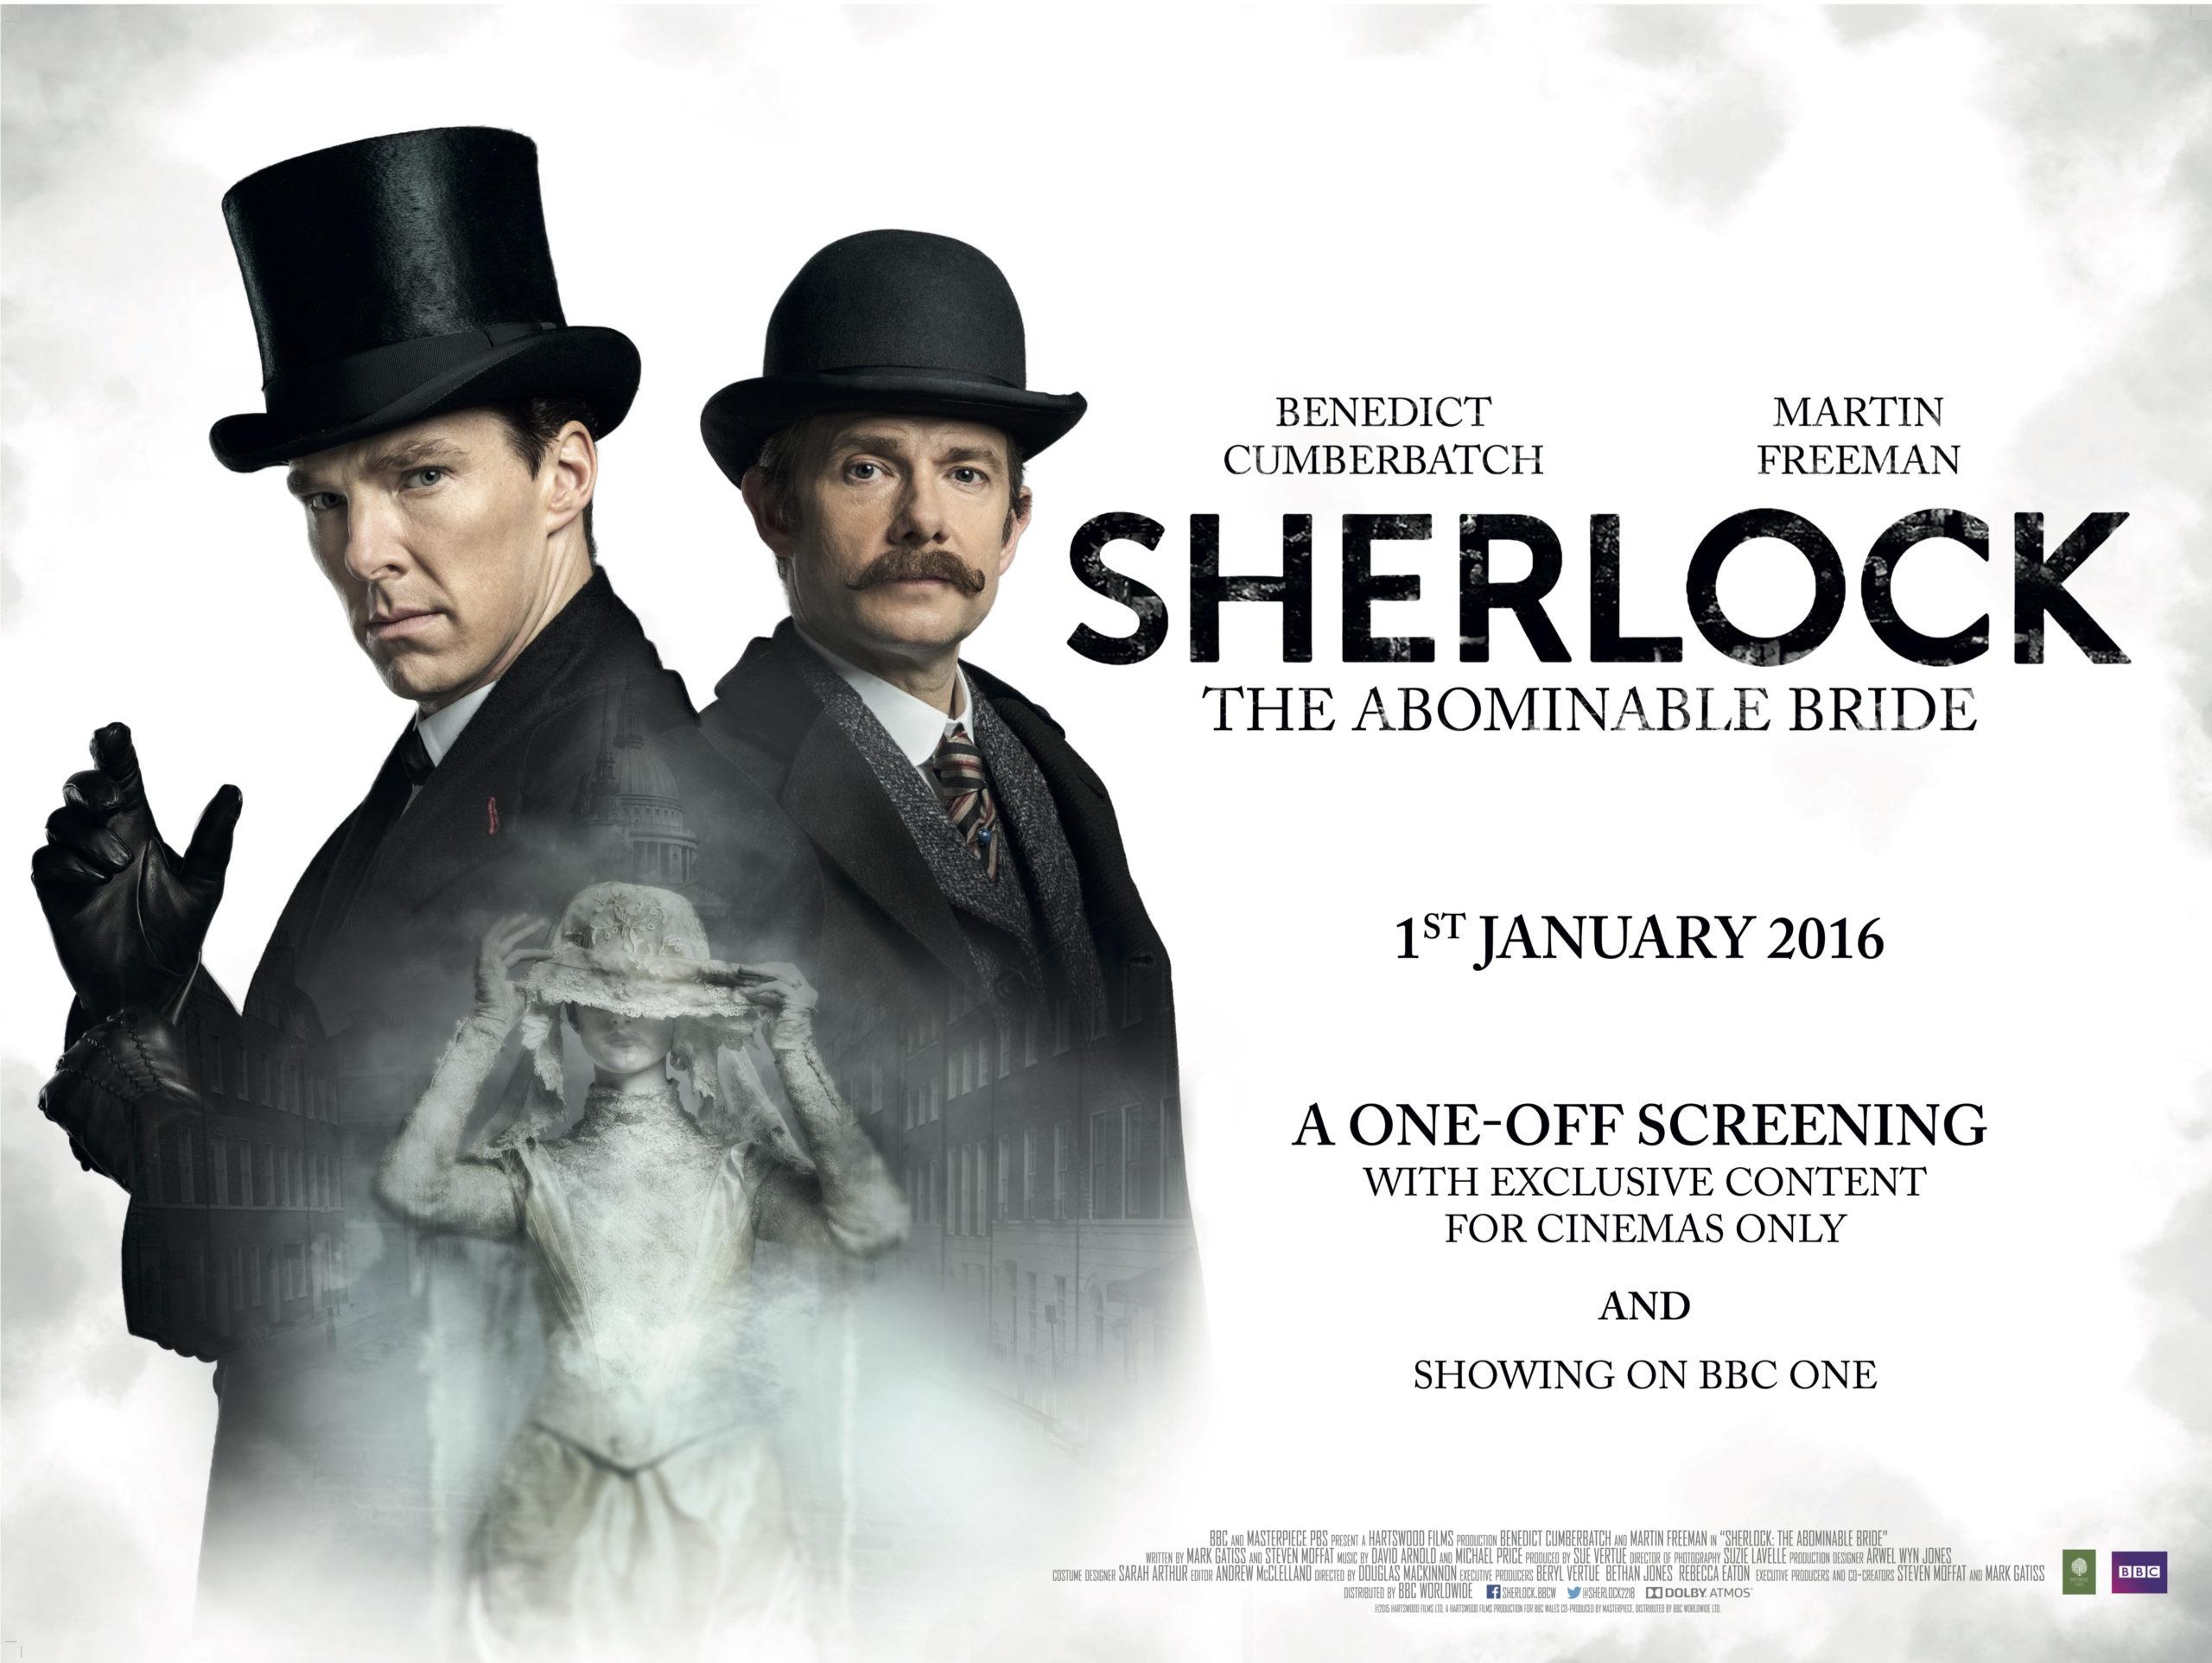 Sherlock The Abominable Bride Trailers Spoilers News Post Mortem Den Of Geek